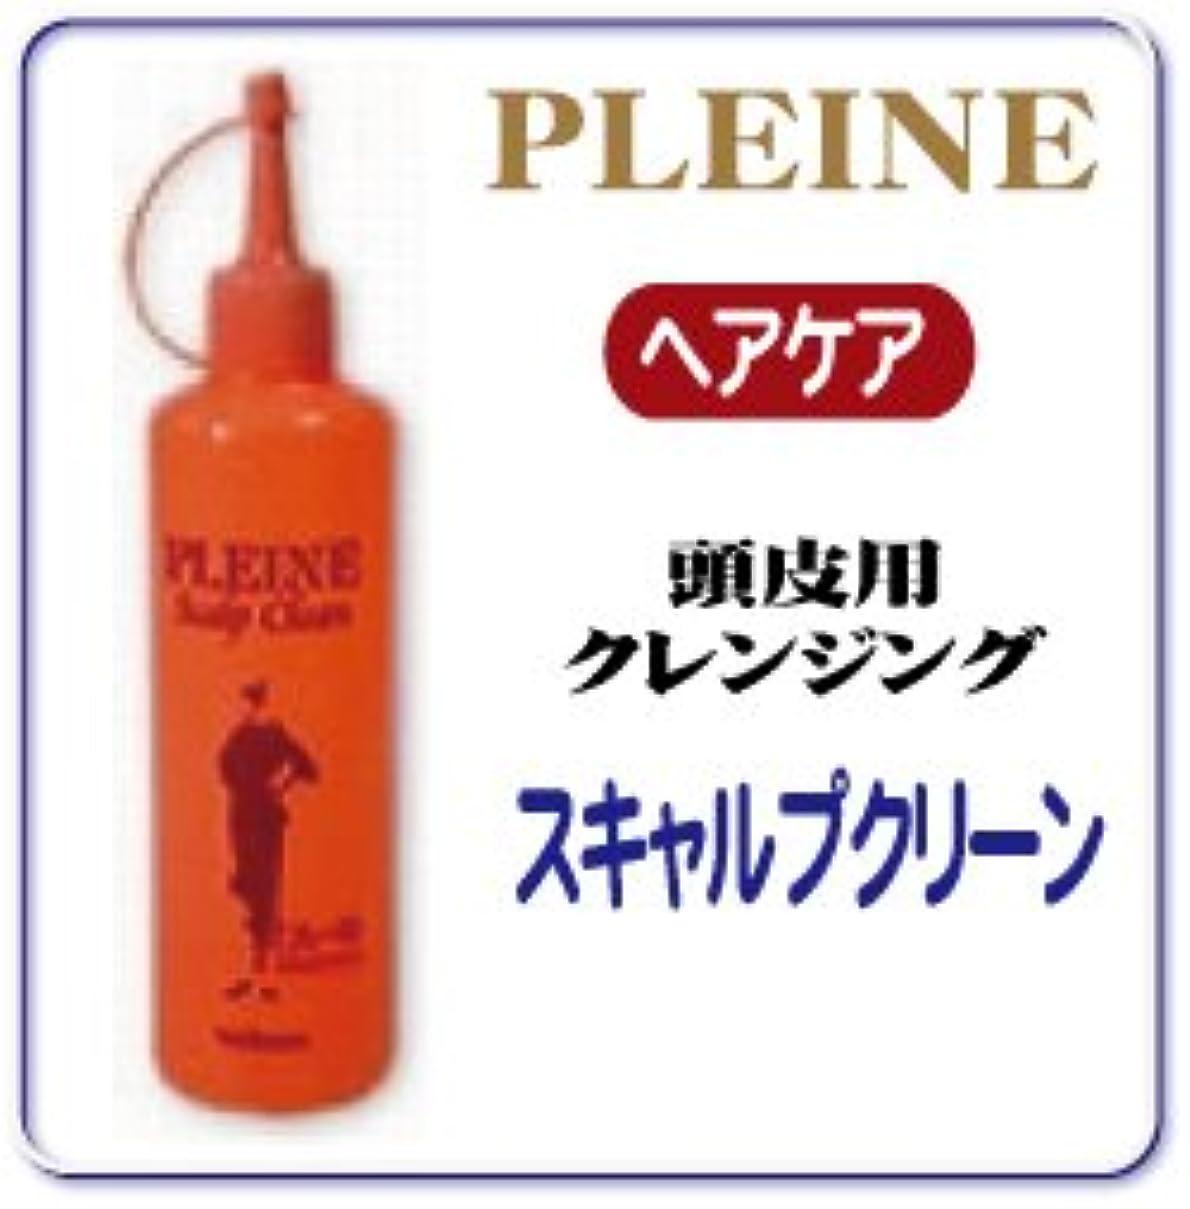 する革命的オリエンタルベルマン化粧品 PLEINEシリーズ  スキャルプクリーン  頭皮用クレンジング 300ml